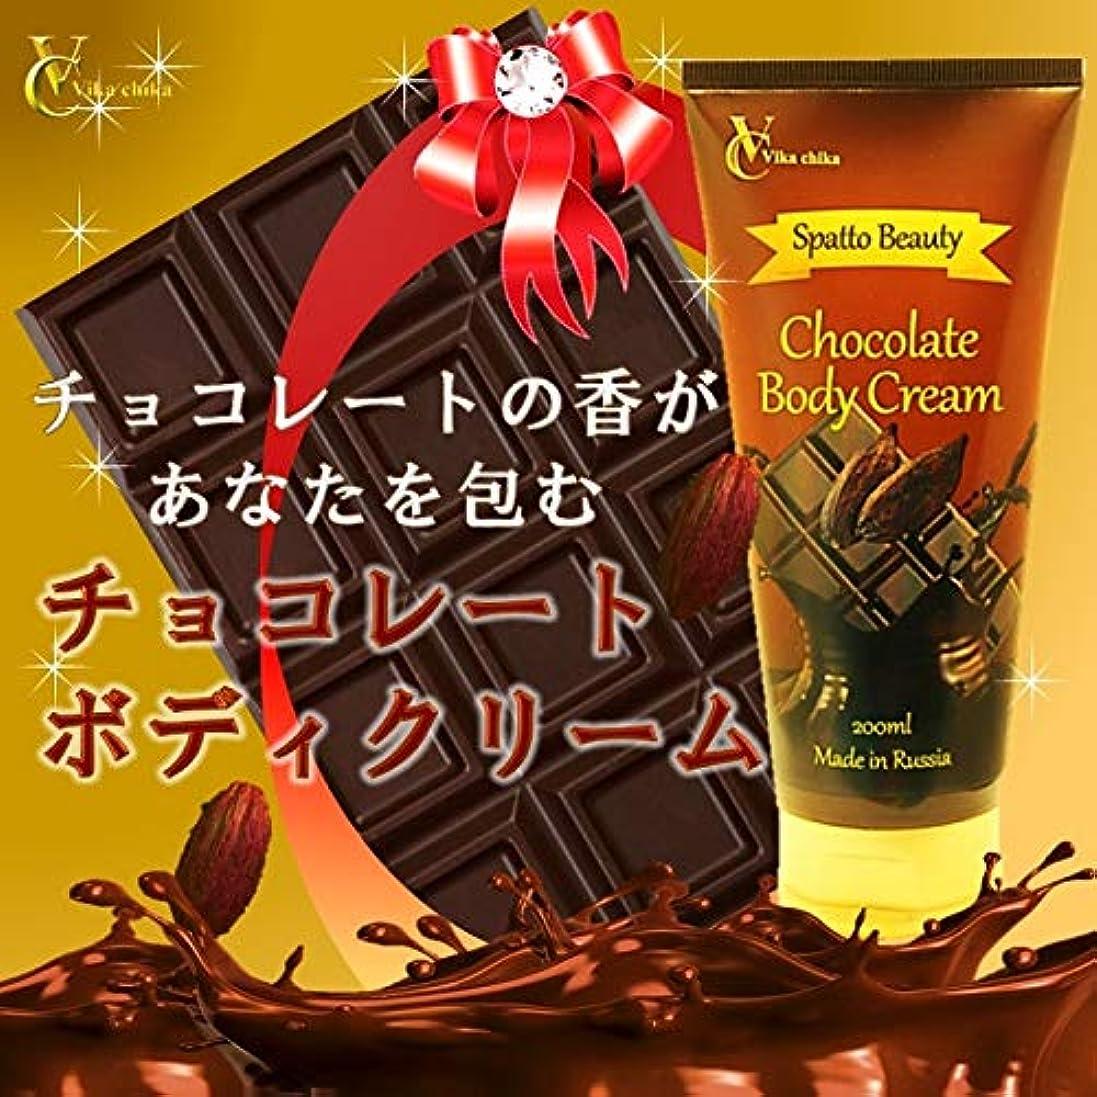 ビッカチカ スパッと ビューティ チョコレートボディクリーム 200ml